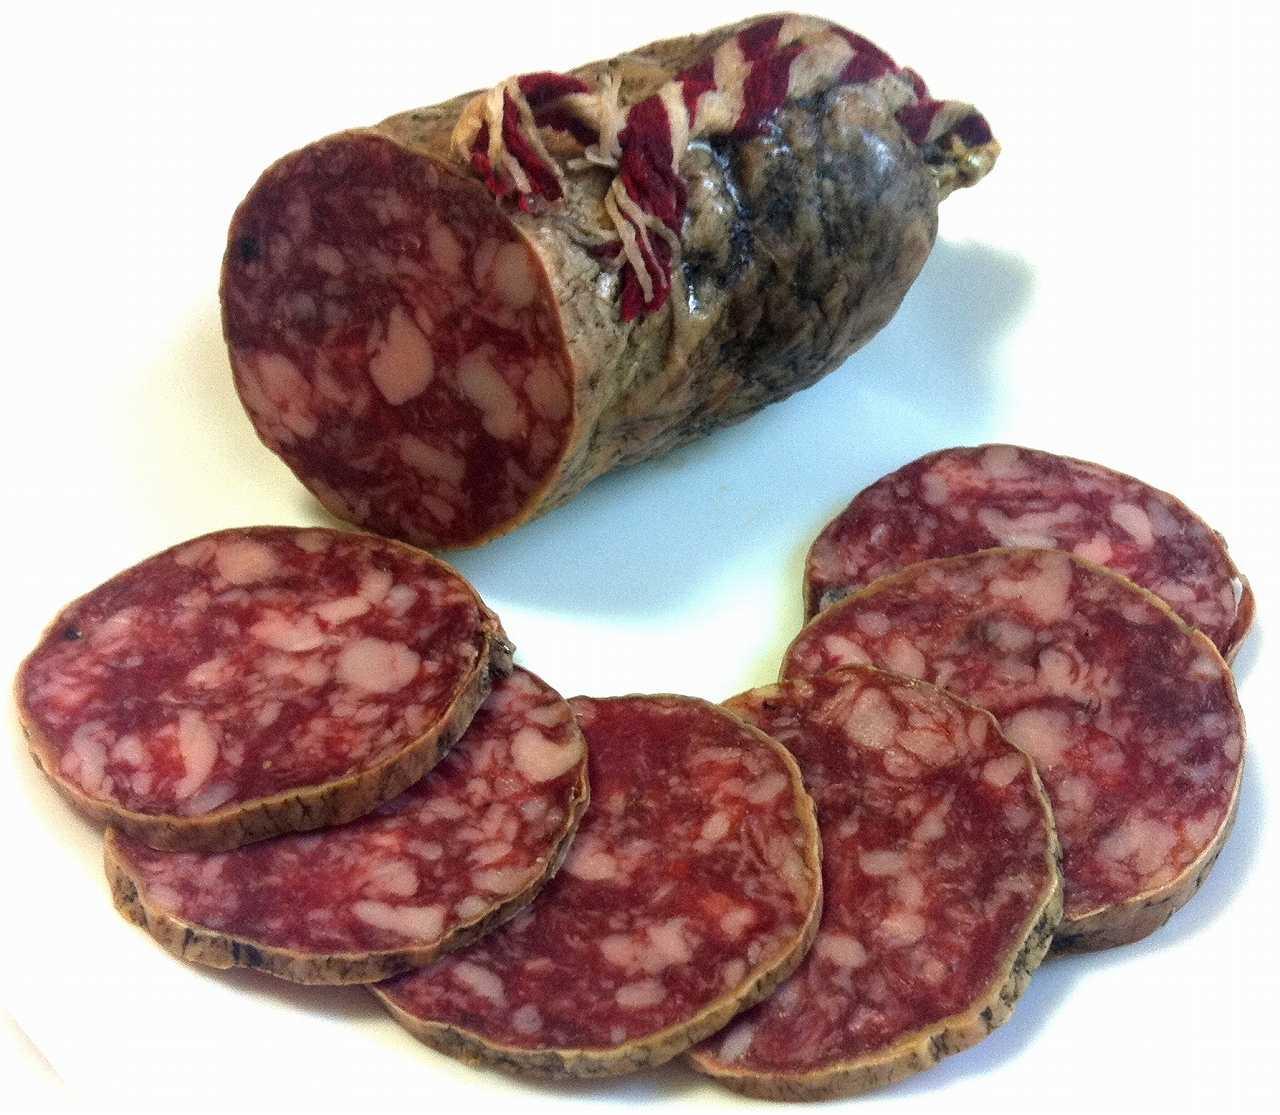 イベリコ豚ベジョータのバラ肉や脂肪をカットし、これにスパイス(ガーリックとペッパー)を加えながら海塩と共に練り合わせ腸詰にしております。パプリカパウダーは使用していないのでワインの肴に最適です。熟成期間は3カ月ほど。<br><br><br><br>品名   サルチチョン<br>ブランド La prudencia<br>内容量  1.2kg<br>荷姿   約1.7kg×3本<br>原産国  スペイン<br>保存基準 +15℃前後<br>賞味期限 24ヵ月<br><br>